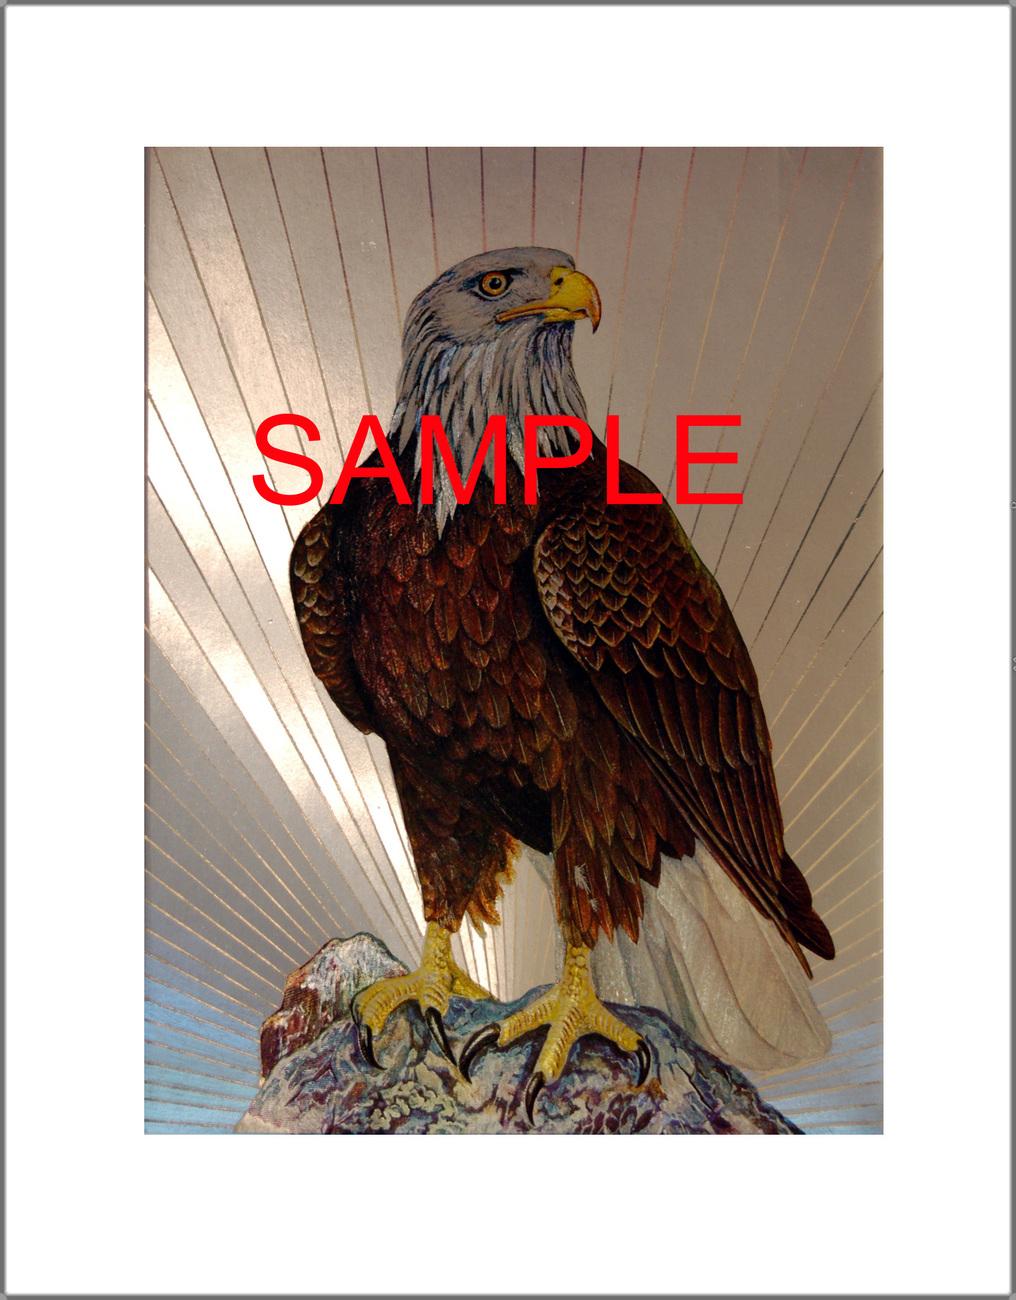 Custom White Mat for Dufex Foils (Item #11237792)